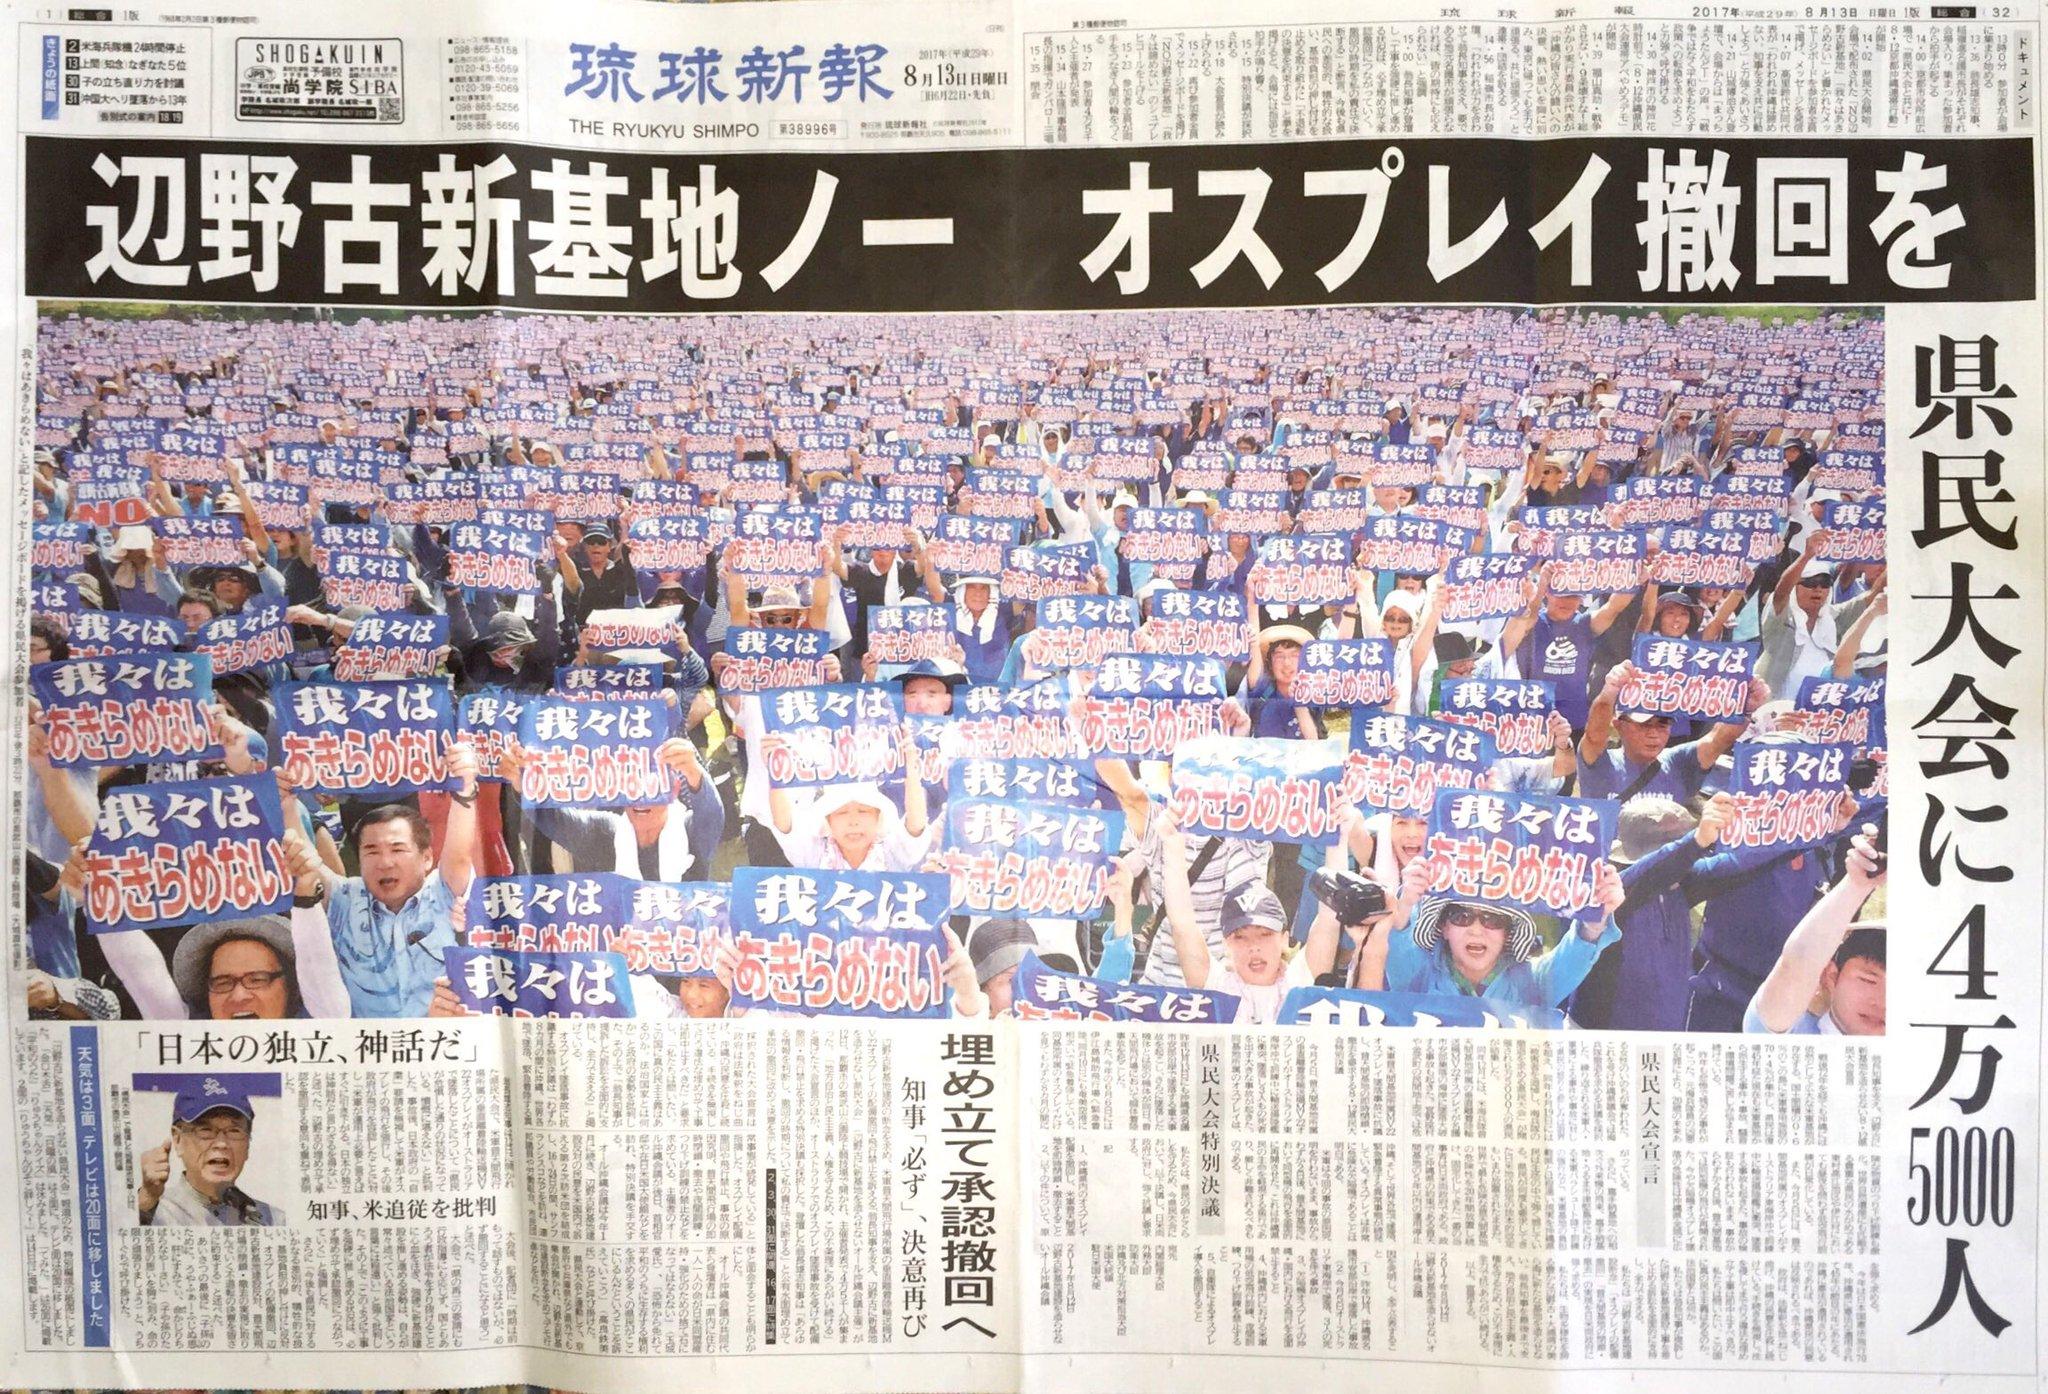 【過激派】沖縄の新聞の紙面が異様過ぎてワロタwwwwwwwwwwwwwwwwwwwのサムネイル画像